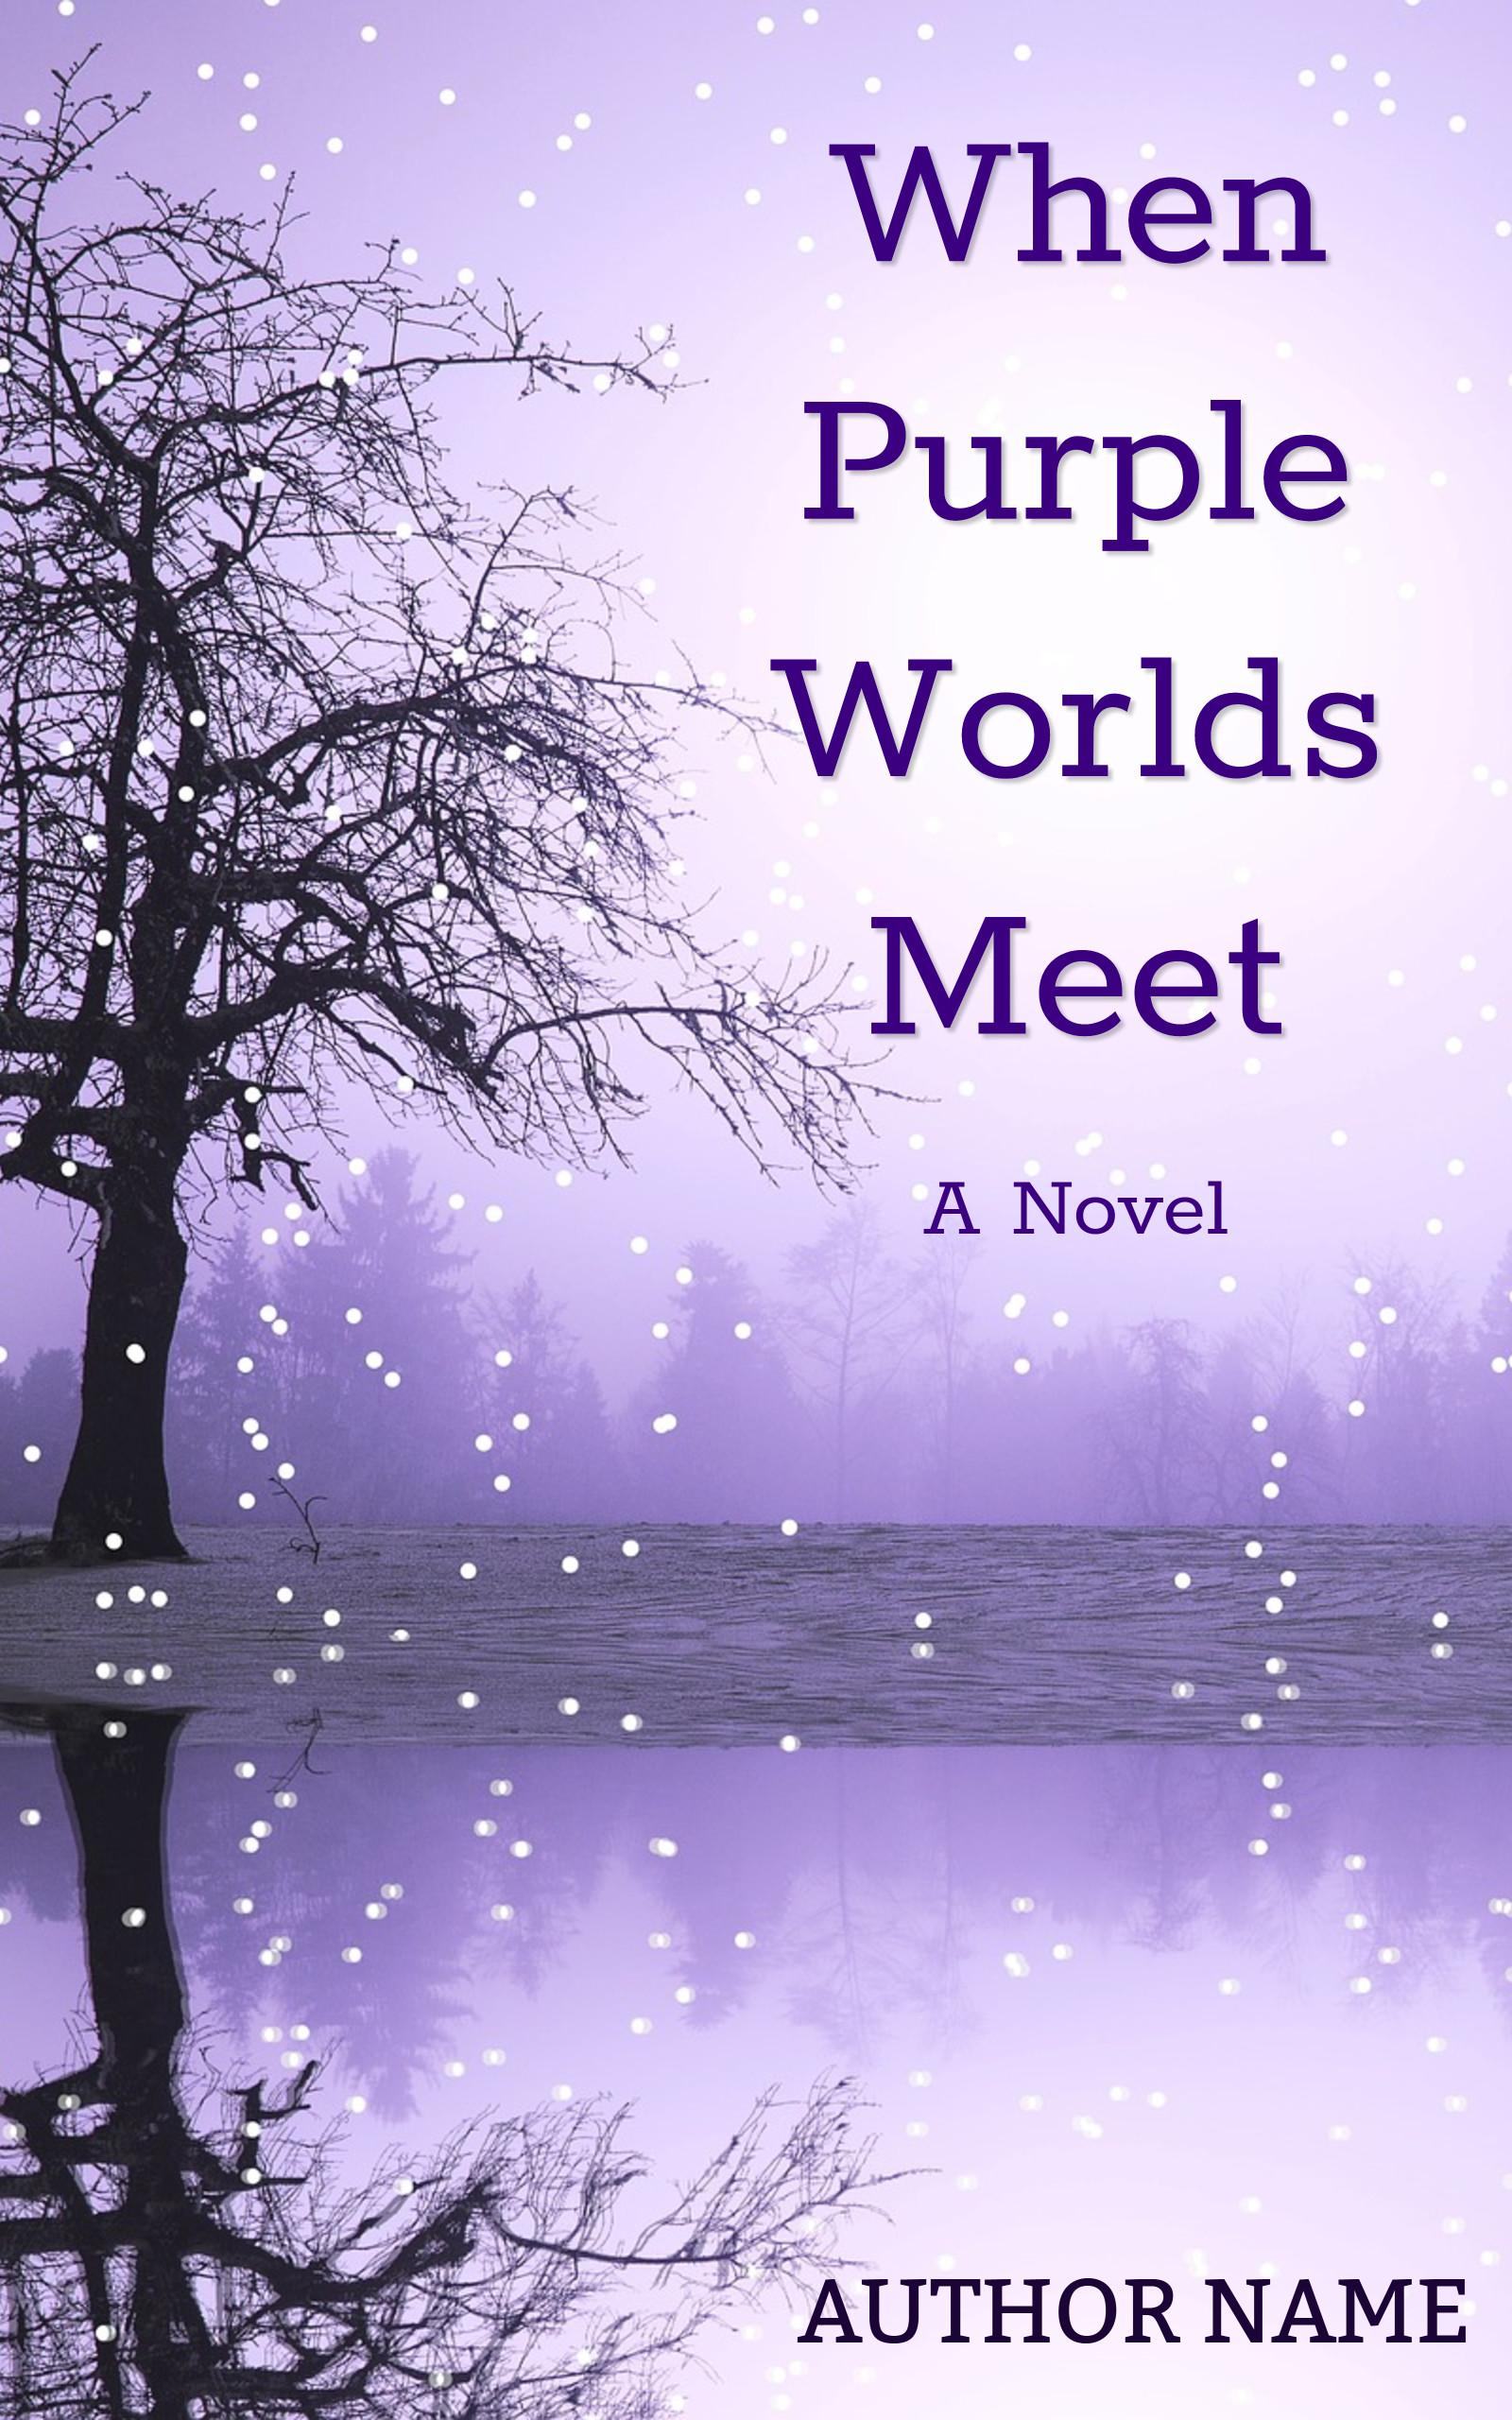 When Purple Worlds Meet